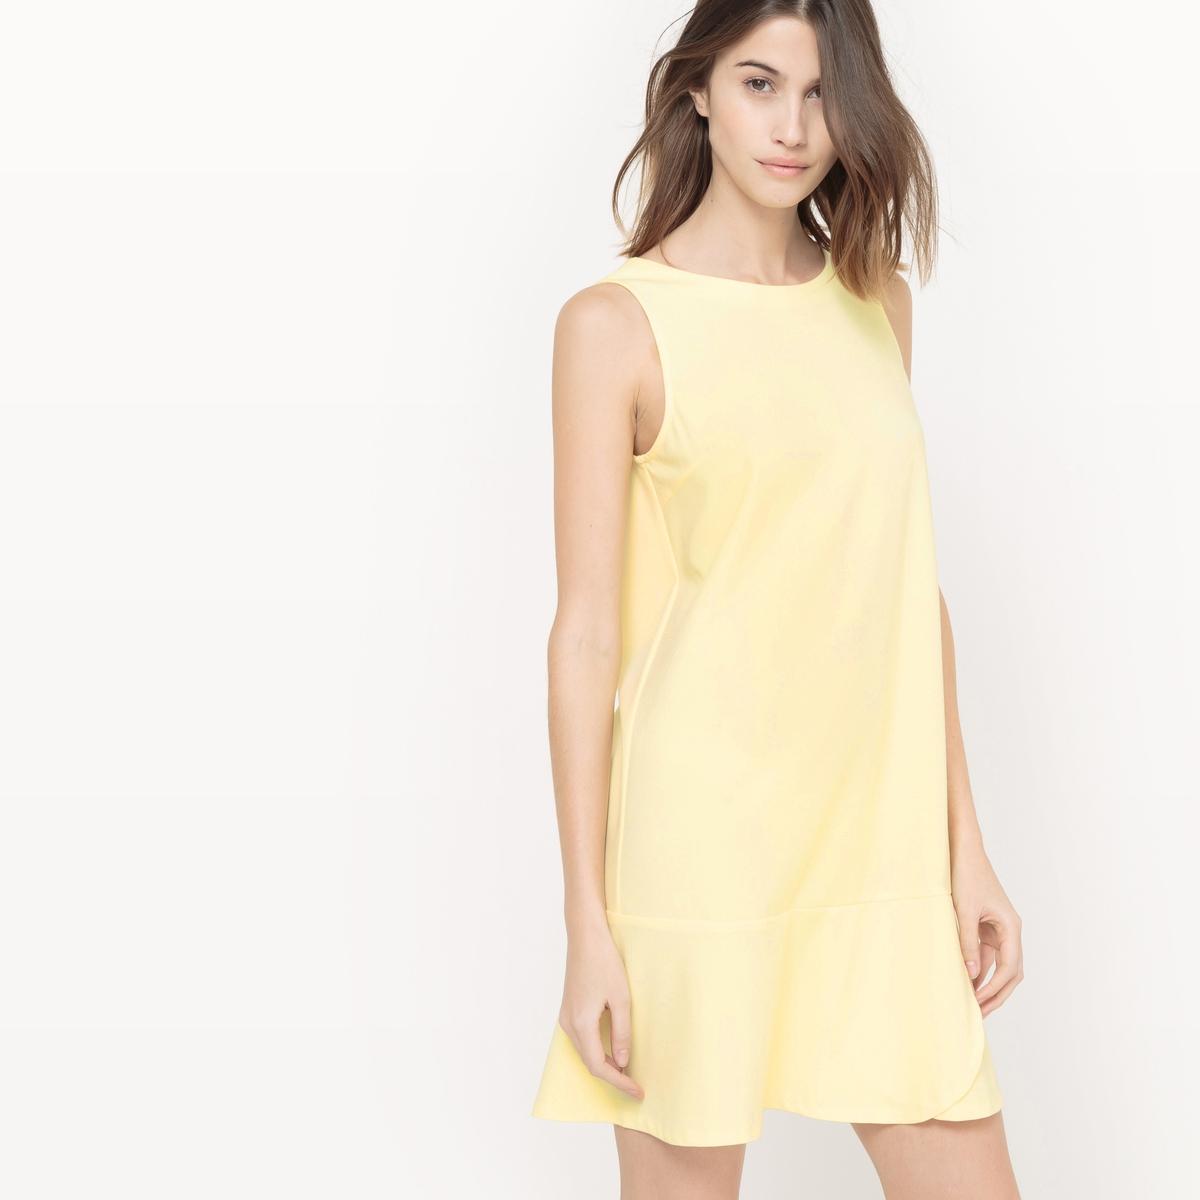 Платье без рукавов, с декольте сзади